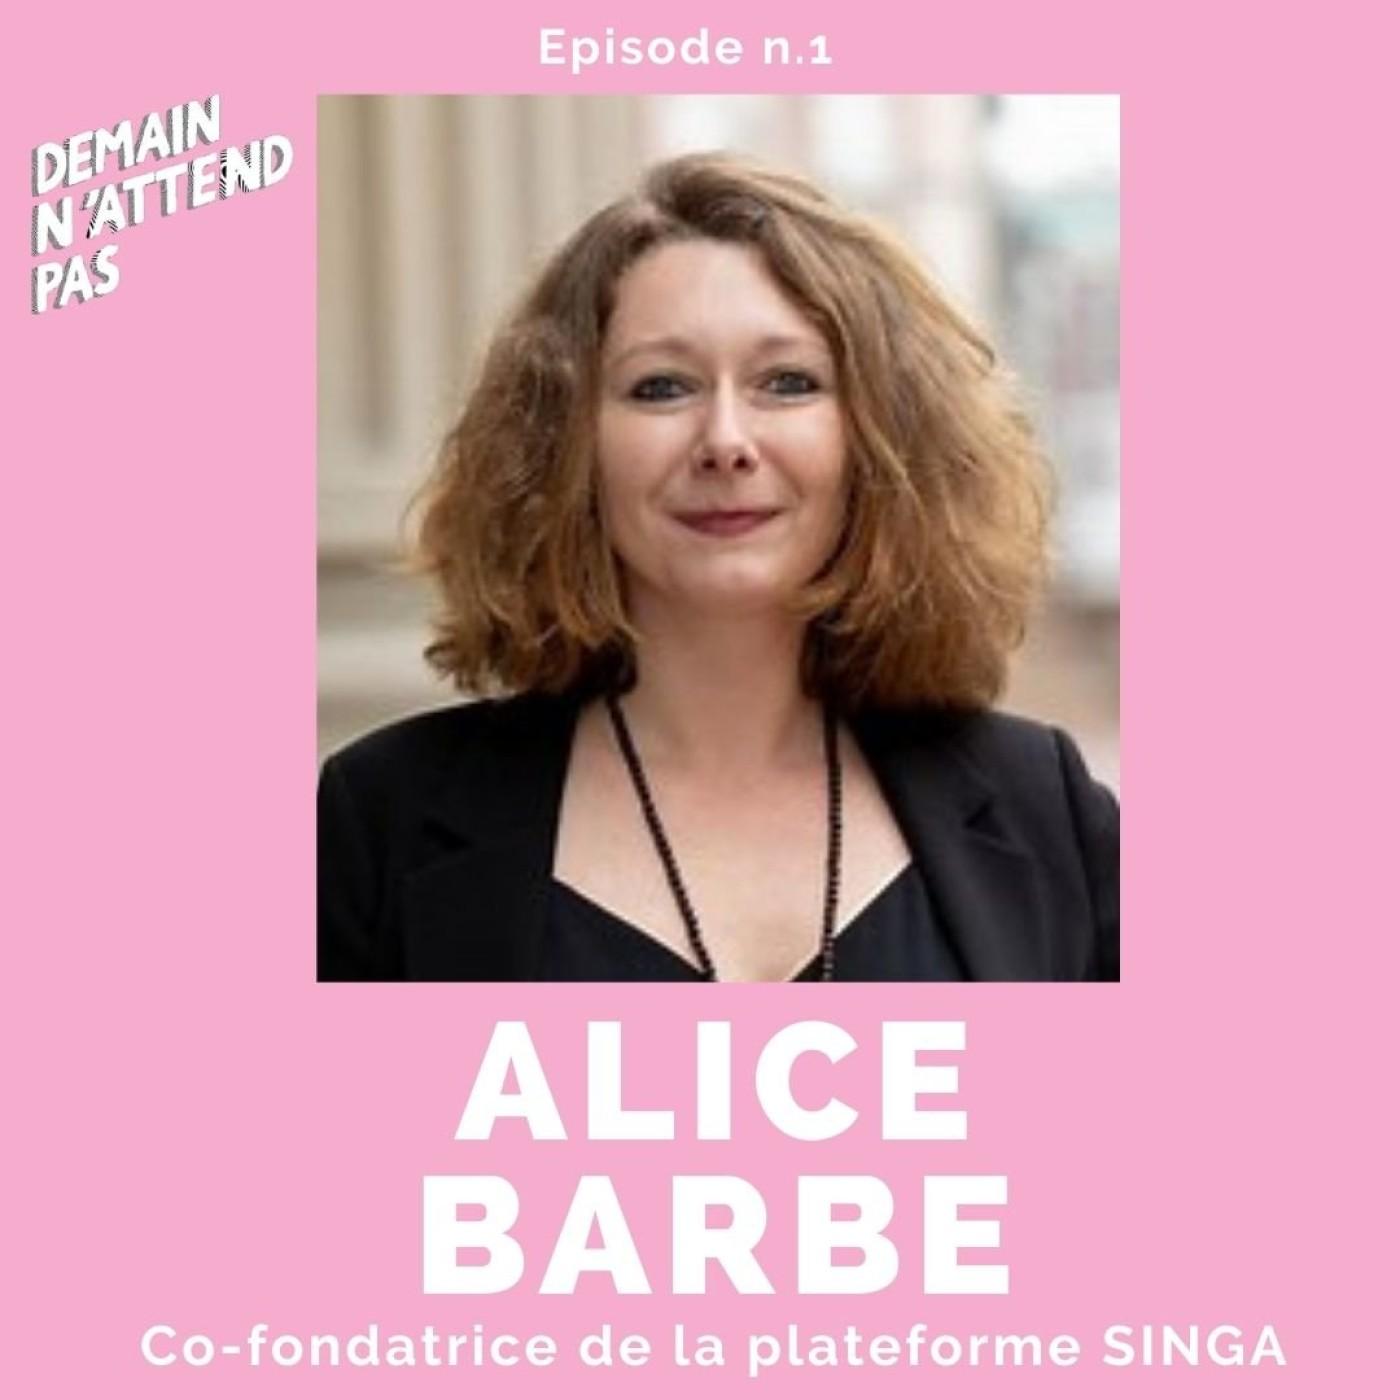 1- Alice Barbe, cofondatrice de SINGA, une plateforme de mise en relation de personnes migrantes et de locaux autour de projets communs